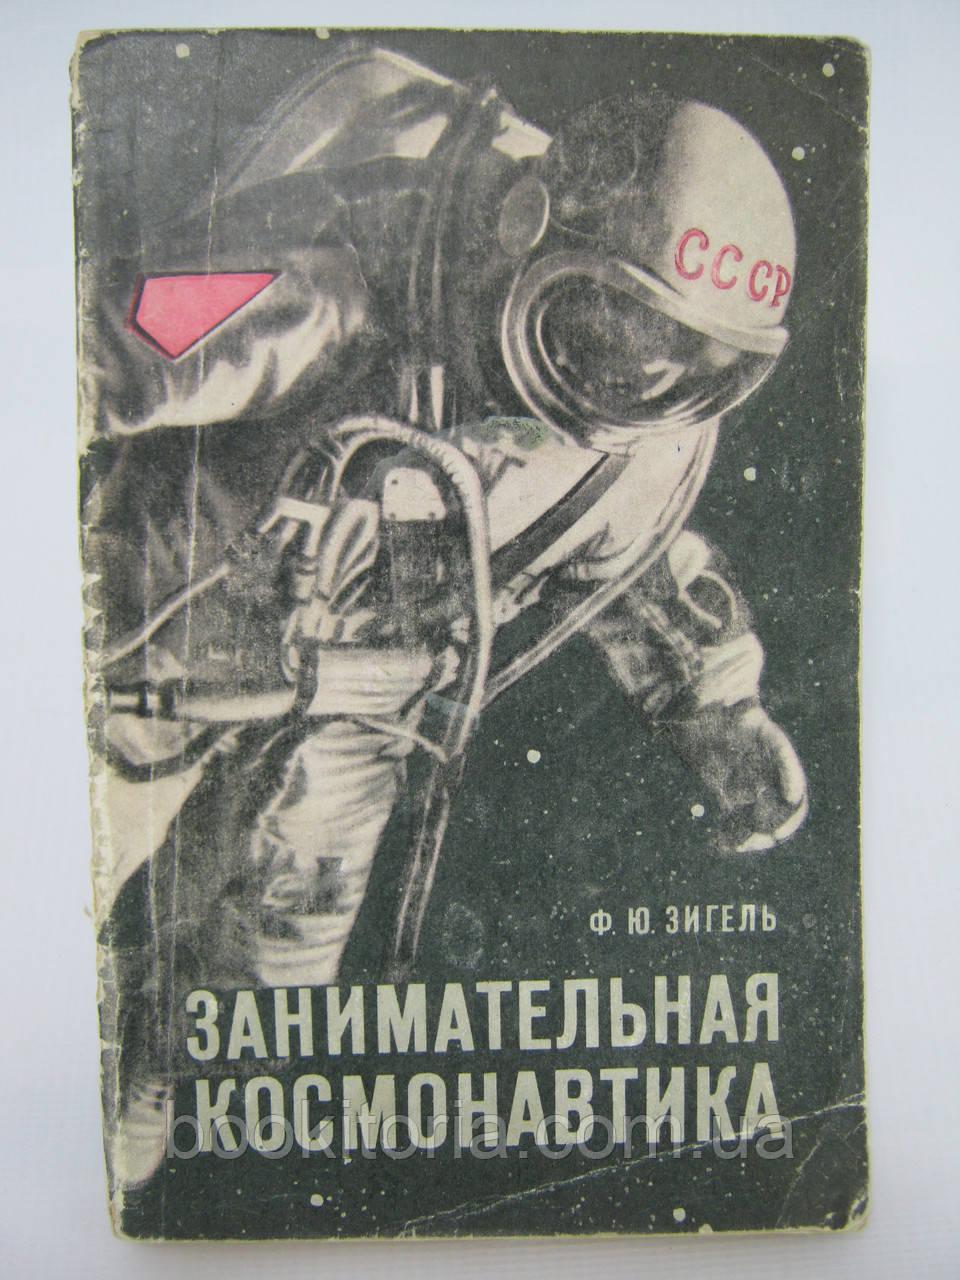 Зигель Ф.Ю. Занимательная космонавтика (б/у).